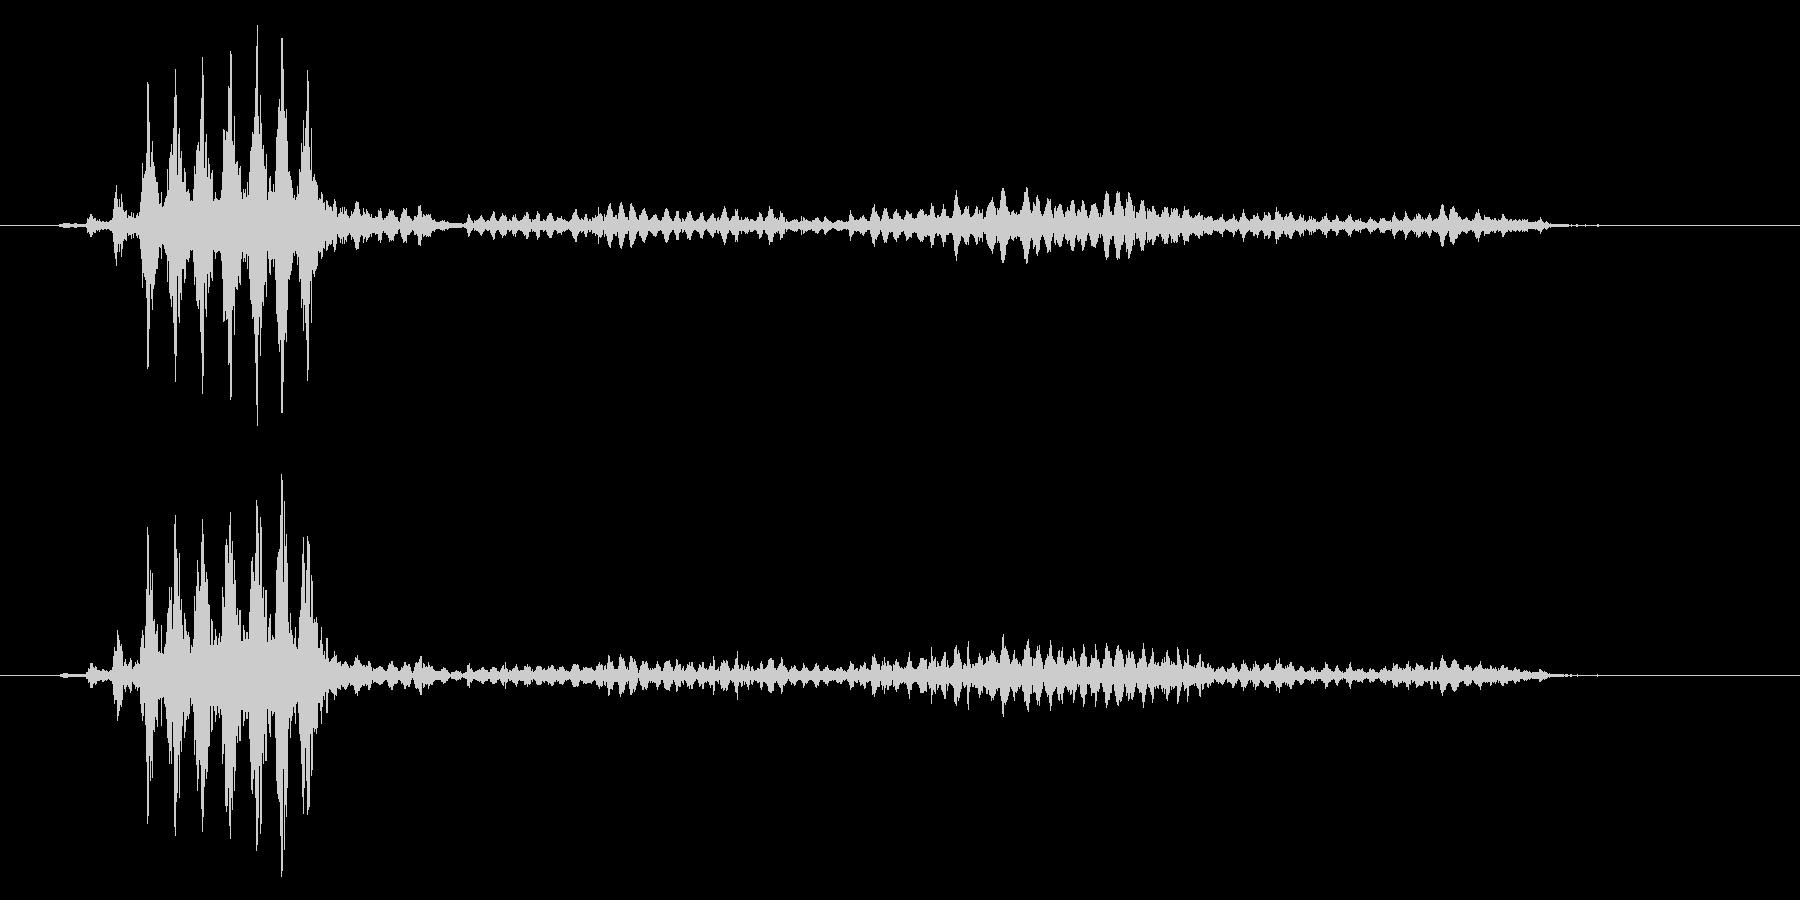 こおろぎの鳴き声_その3の未再生の波形